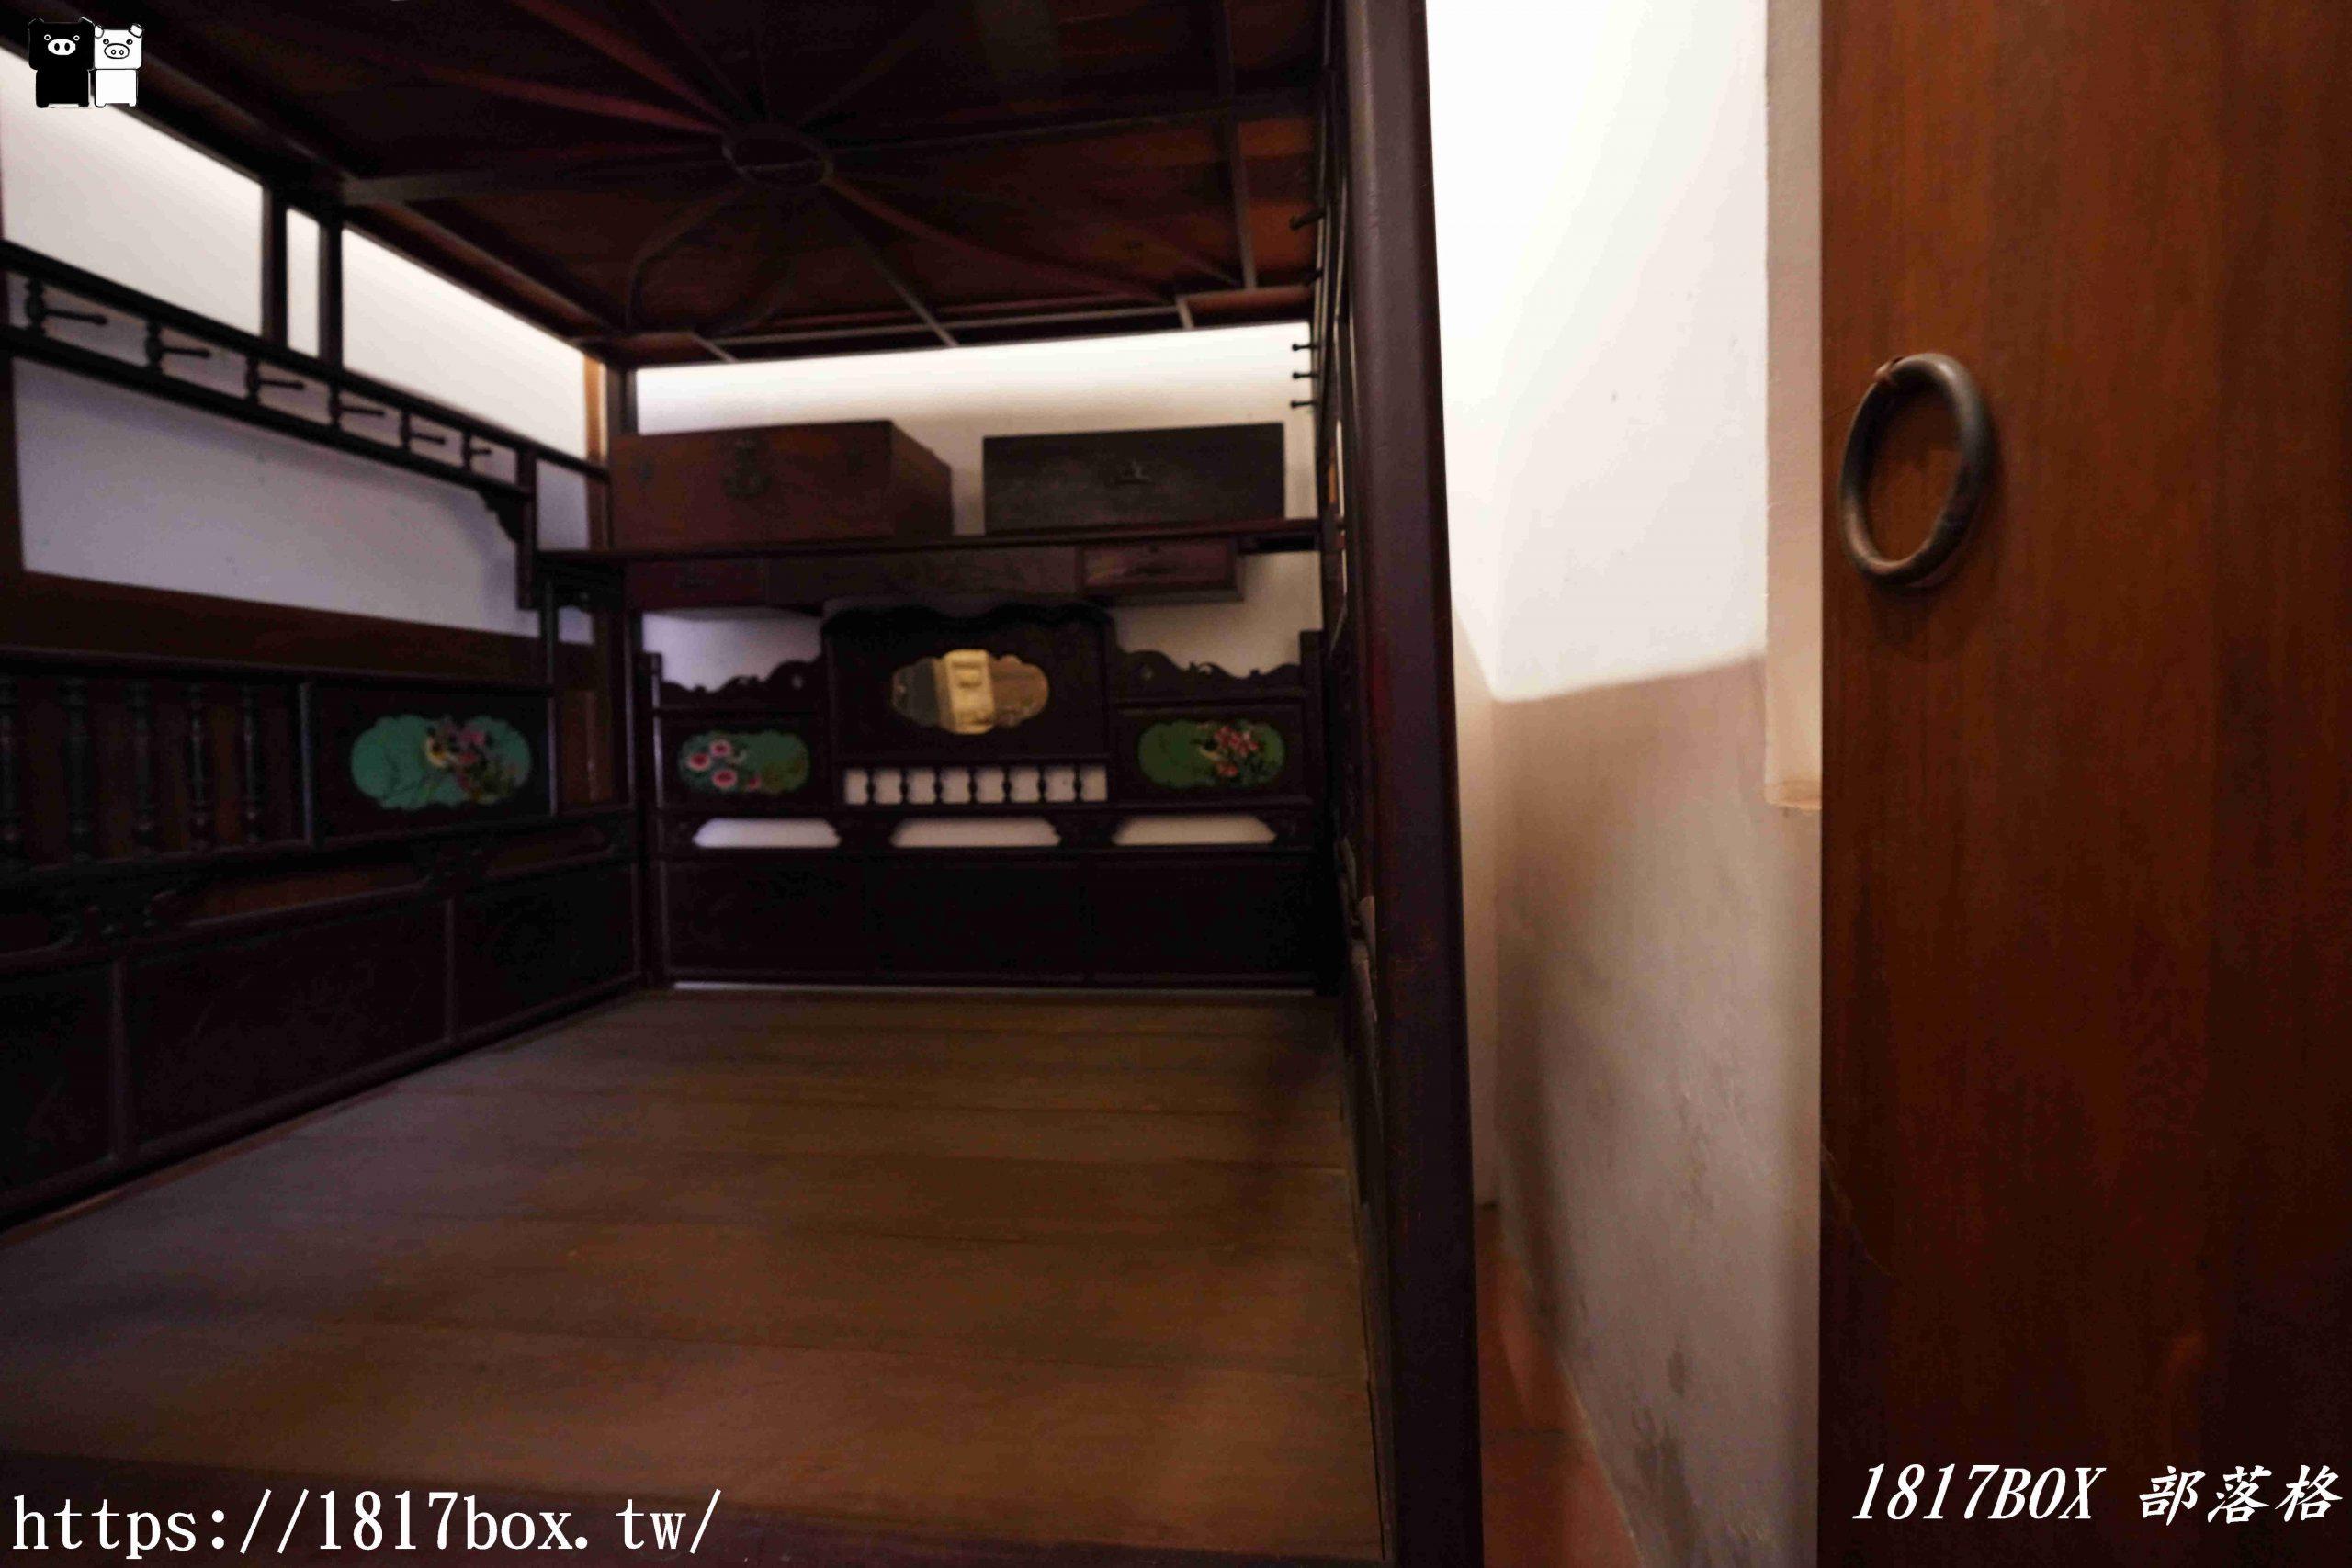 【彰化。鹿港】鶴棲別墅。工藝展覽館。彰化縣歷史建築 @1817BOX部落格